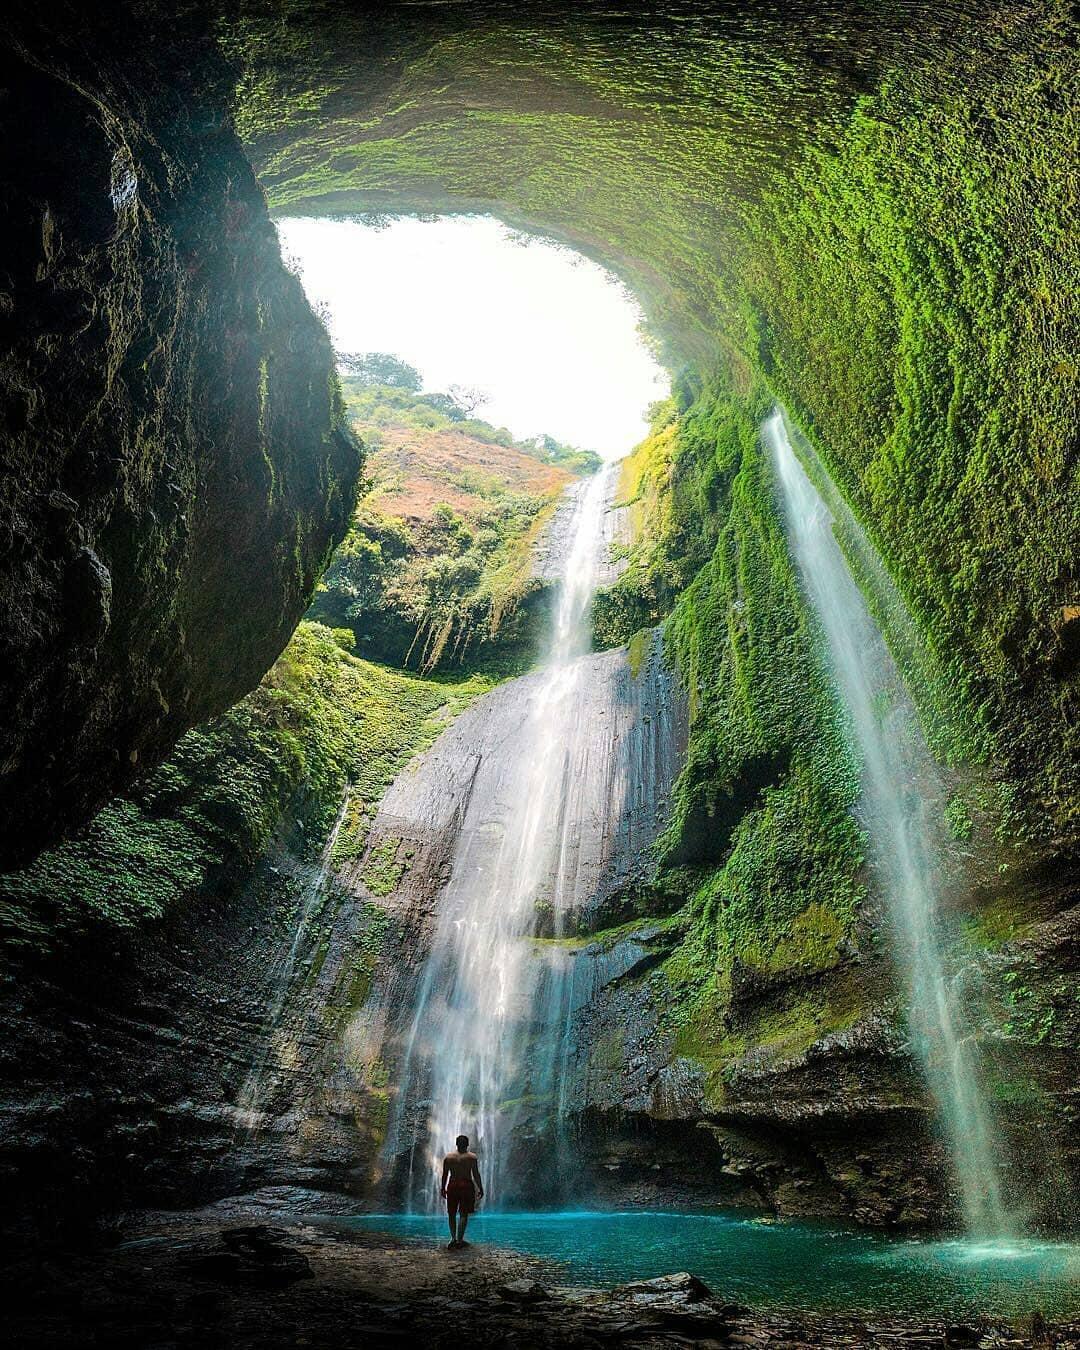 pesona keindahan air terjun madakaripura probolinggo